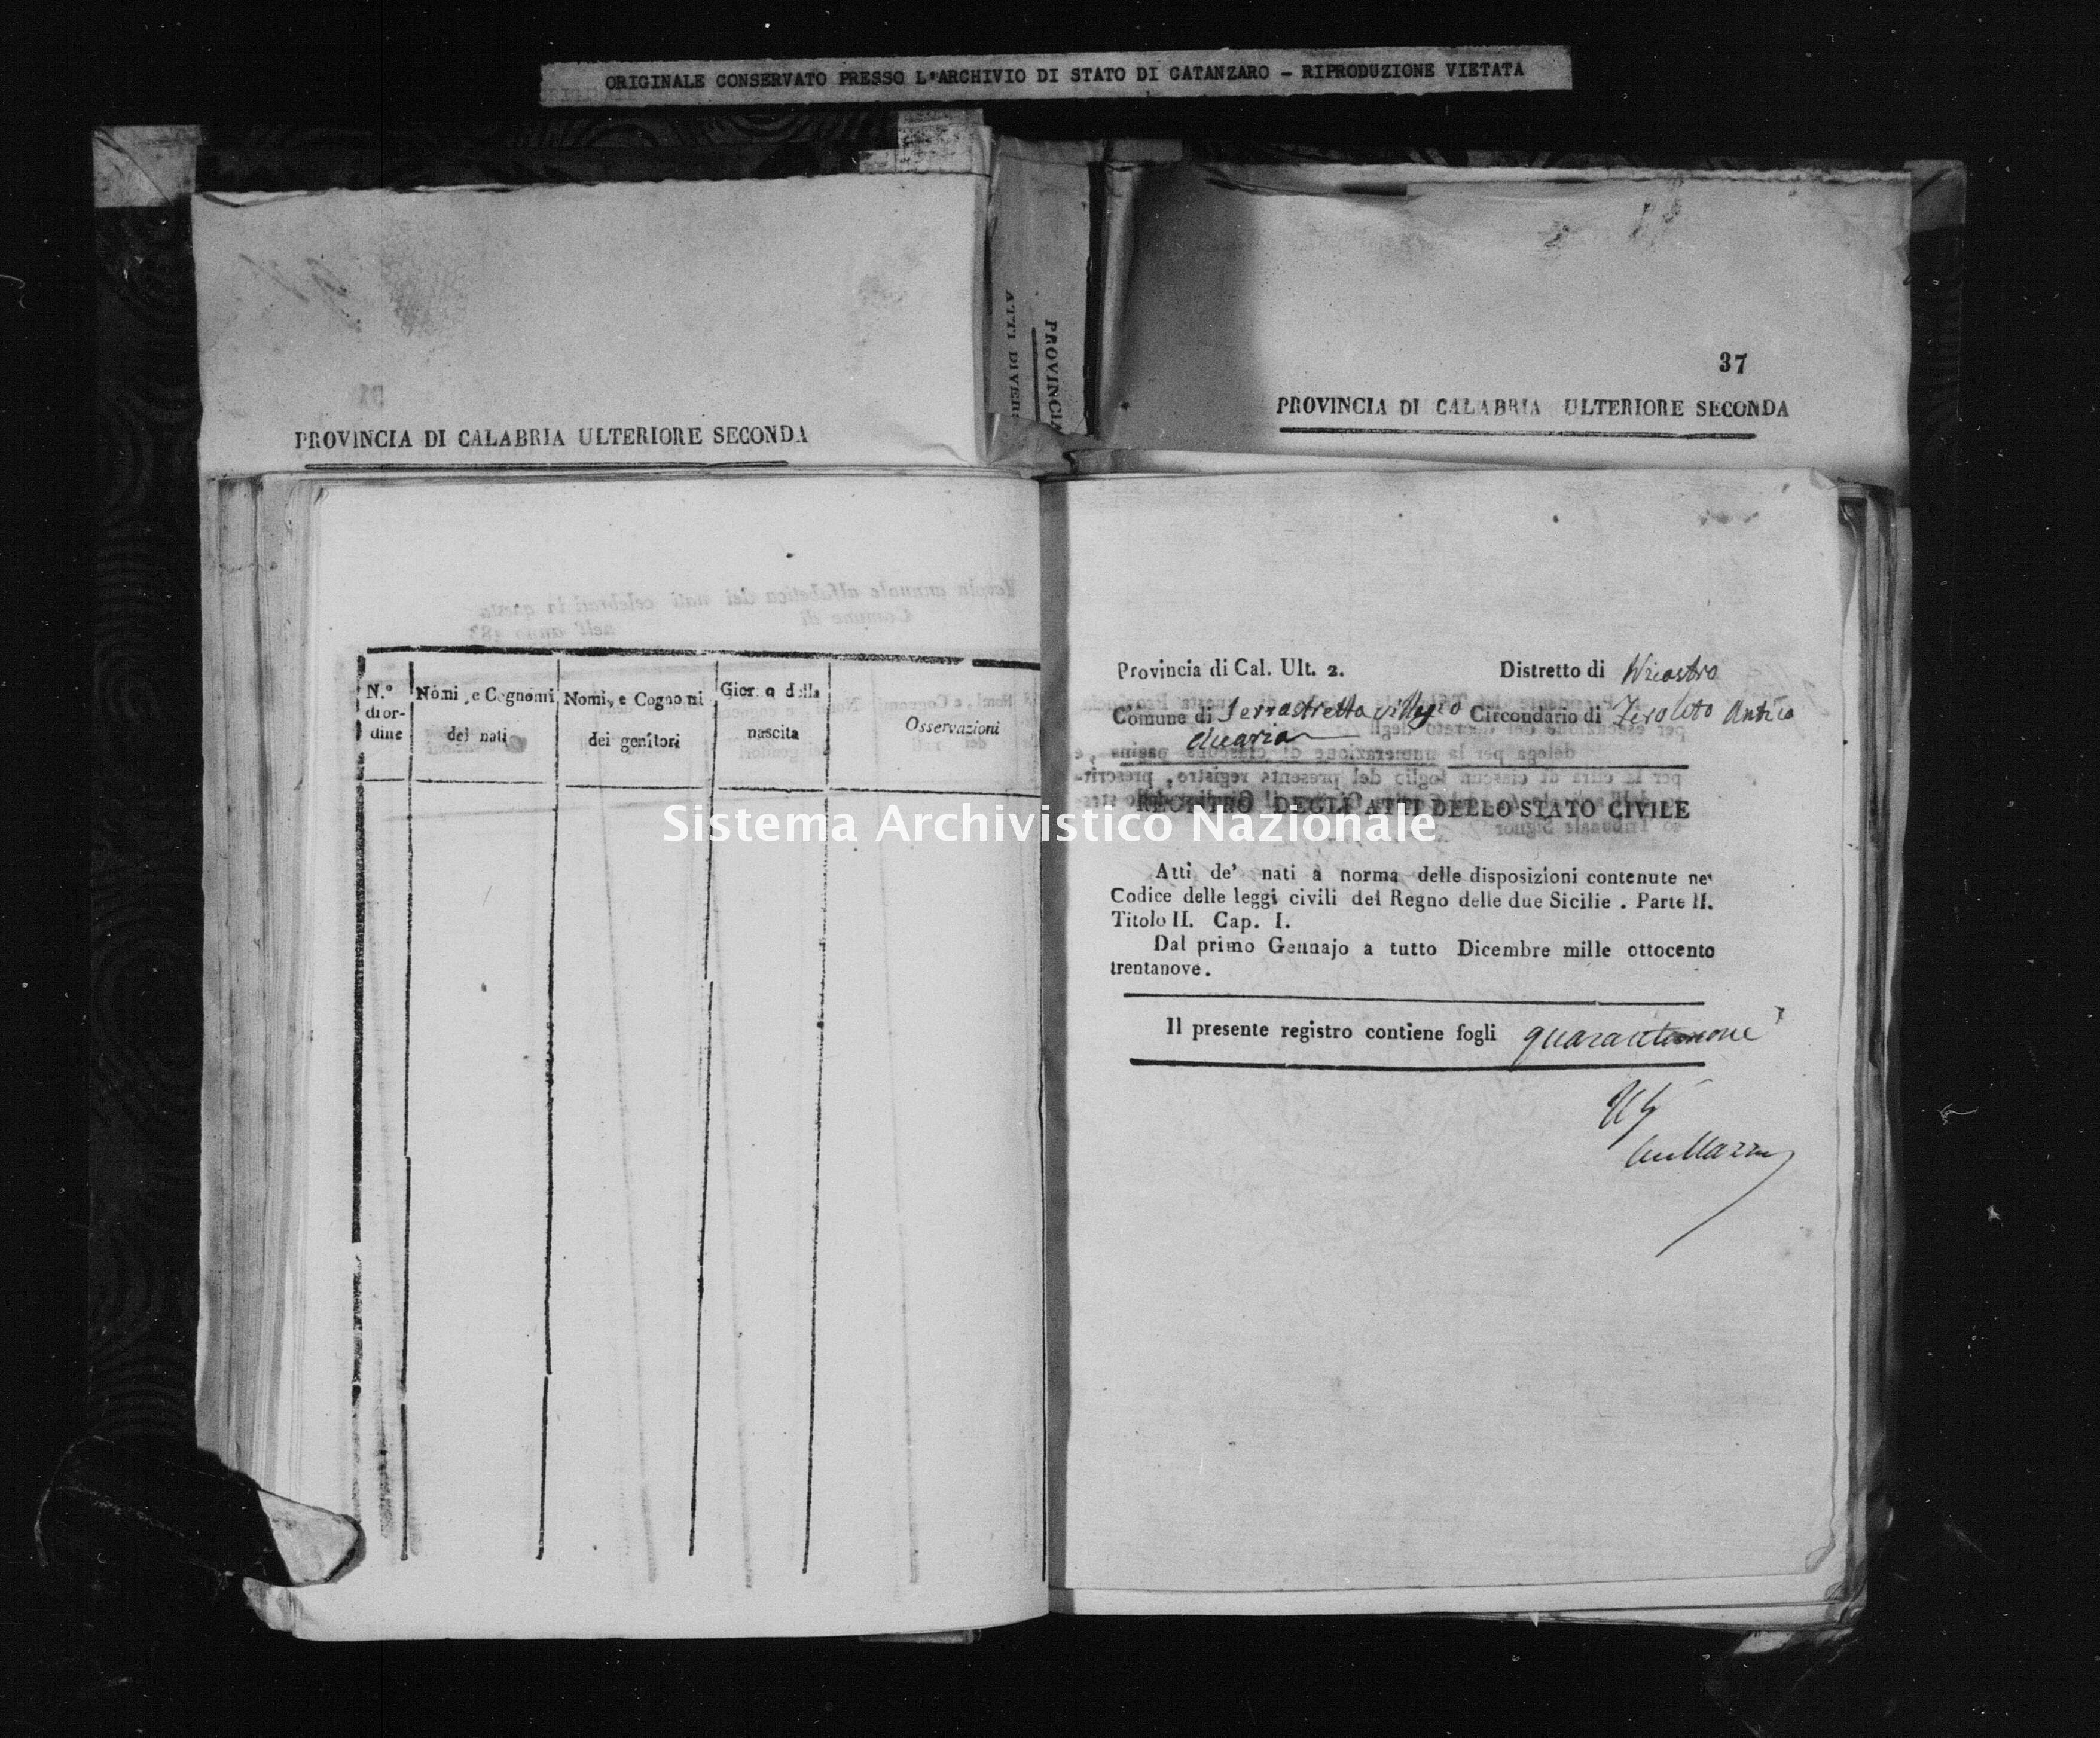 Archivio di stato di Catanzaro - Stato civile della restaurazione - Accaria - Nati - 1839 -